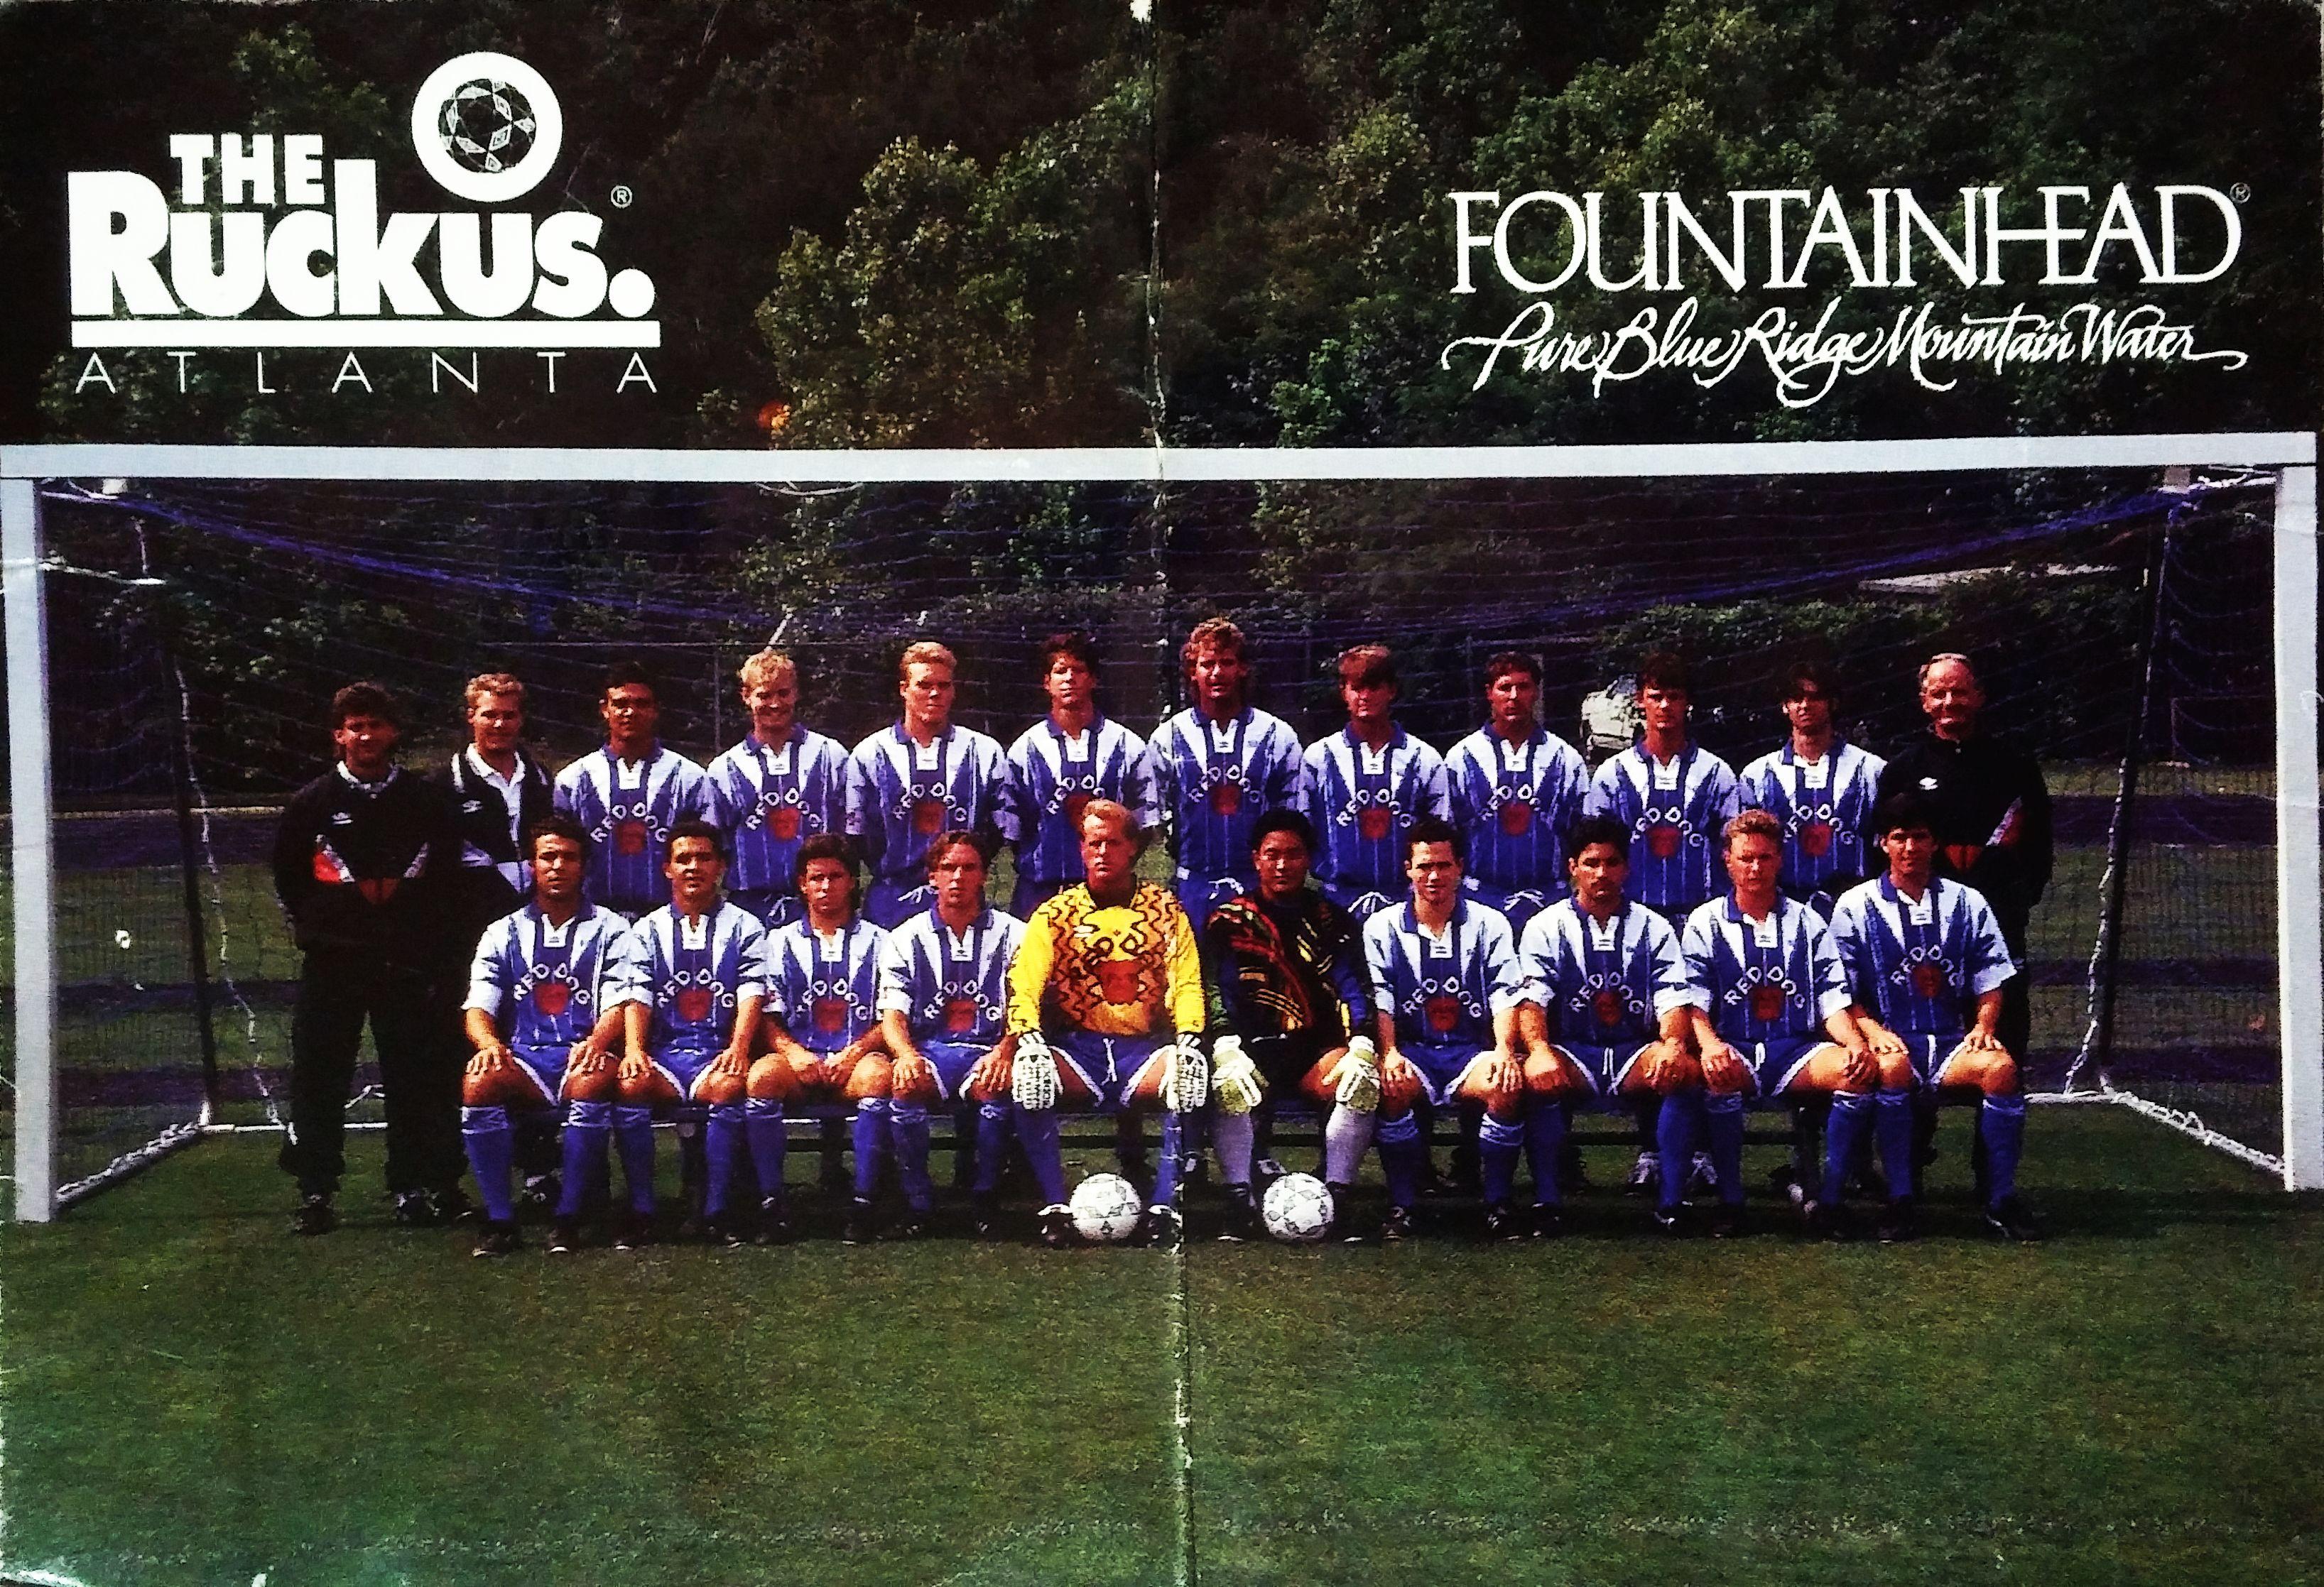 1995 Atlanta Ruckus team picture